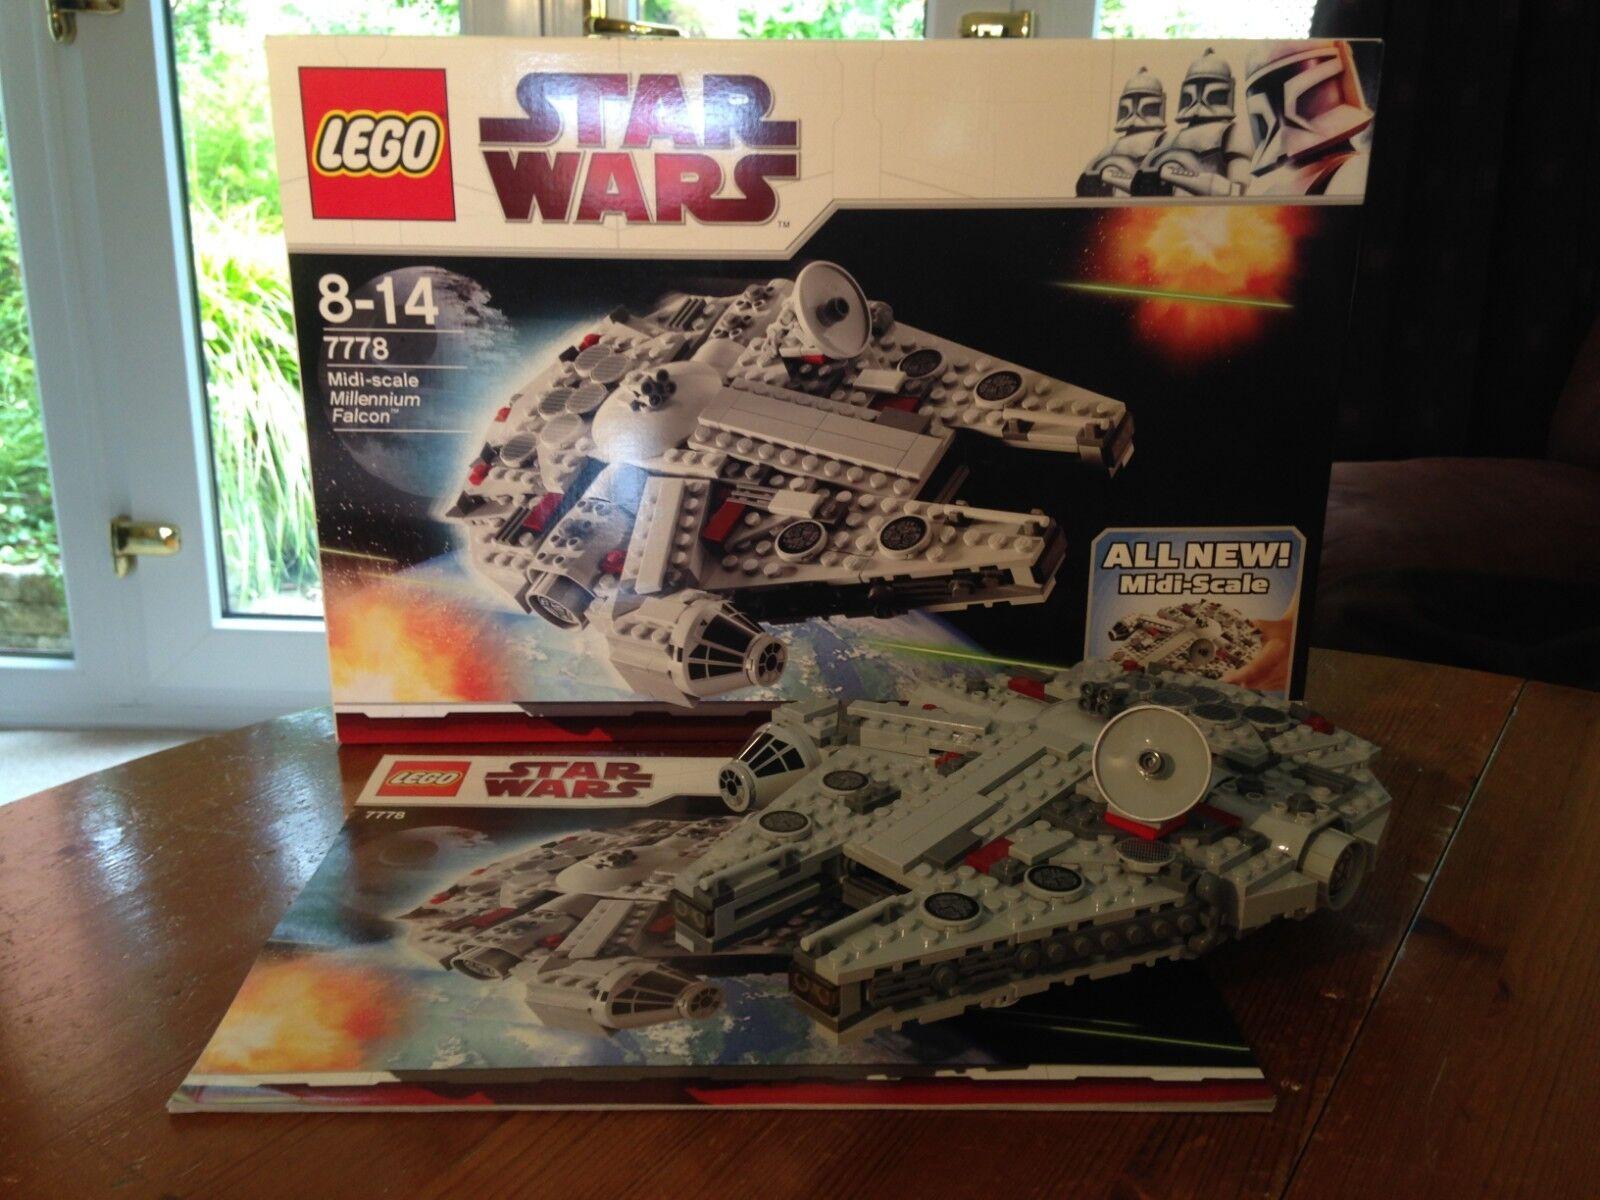 Star Wars Lego 7778  Midi-scale Millennium Falcon 100% Complete & Boxed